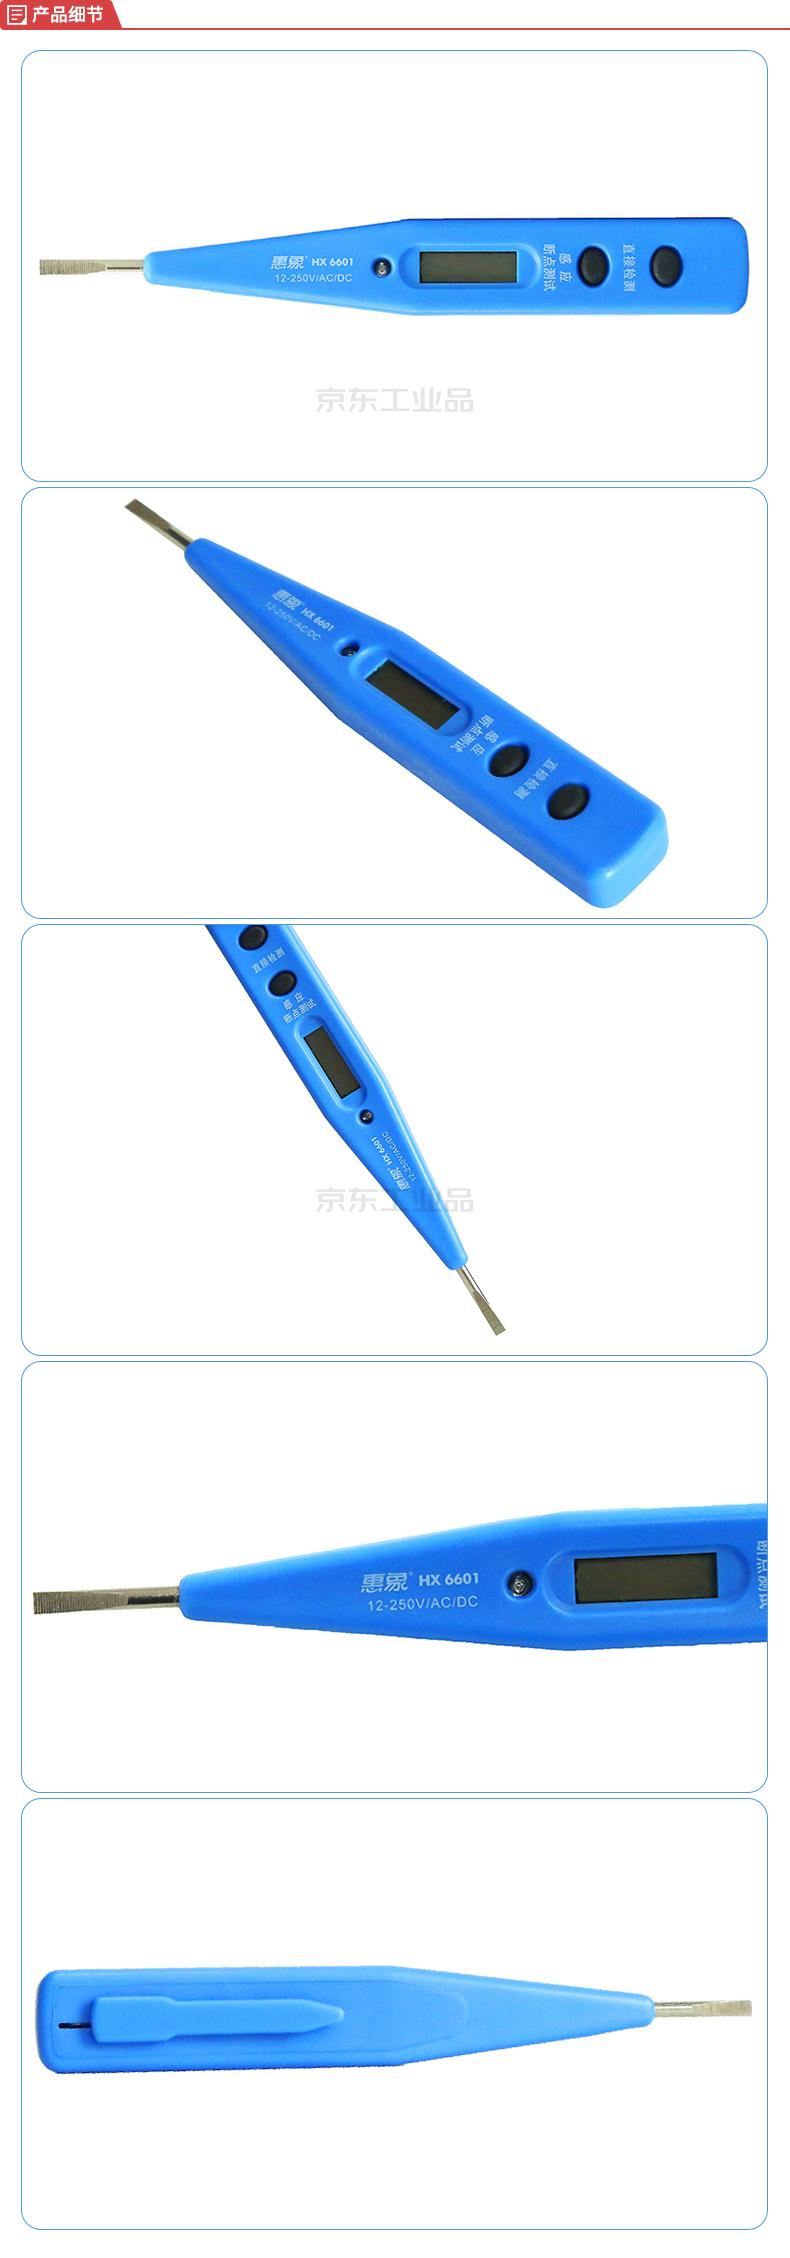 惠象 多功能工业级数显测电笔;HX6601